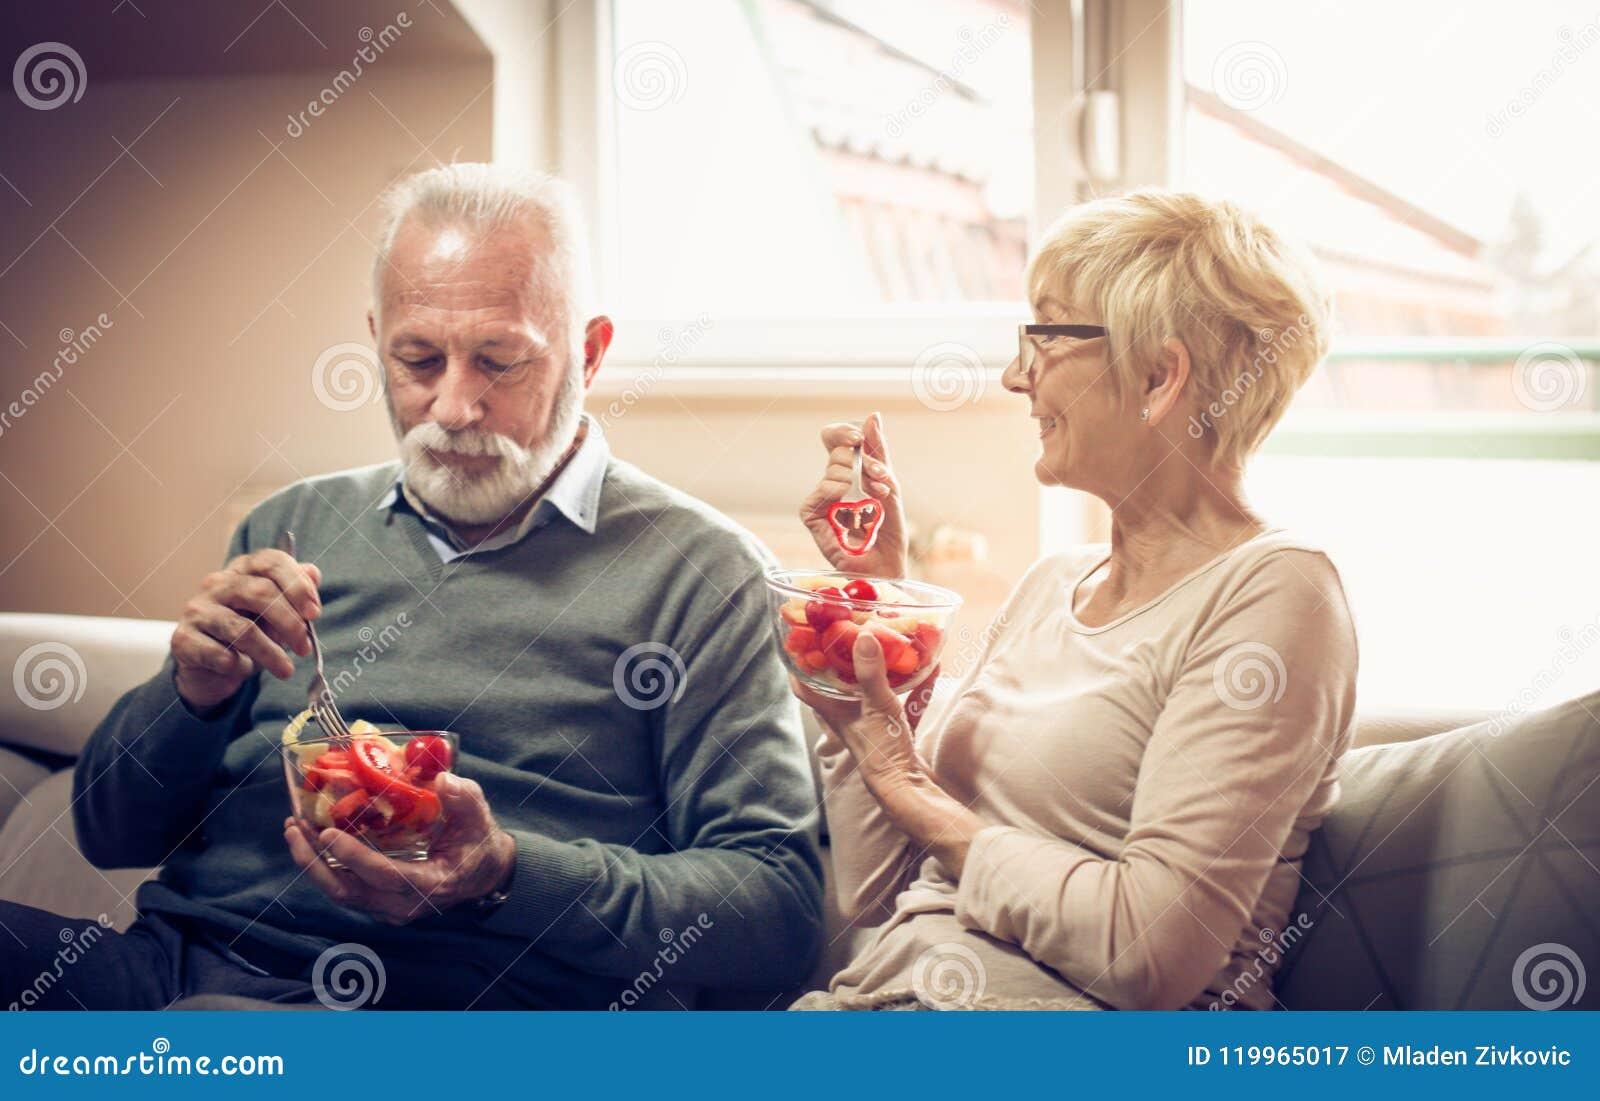 Gezond Hoger Paar